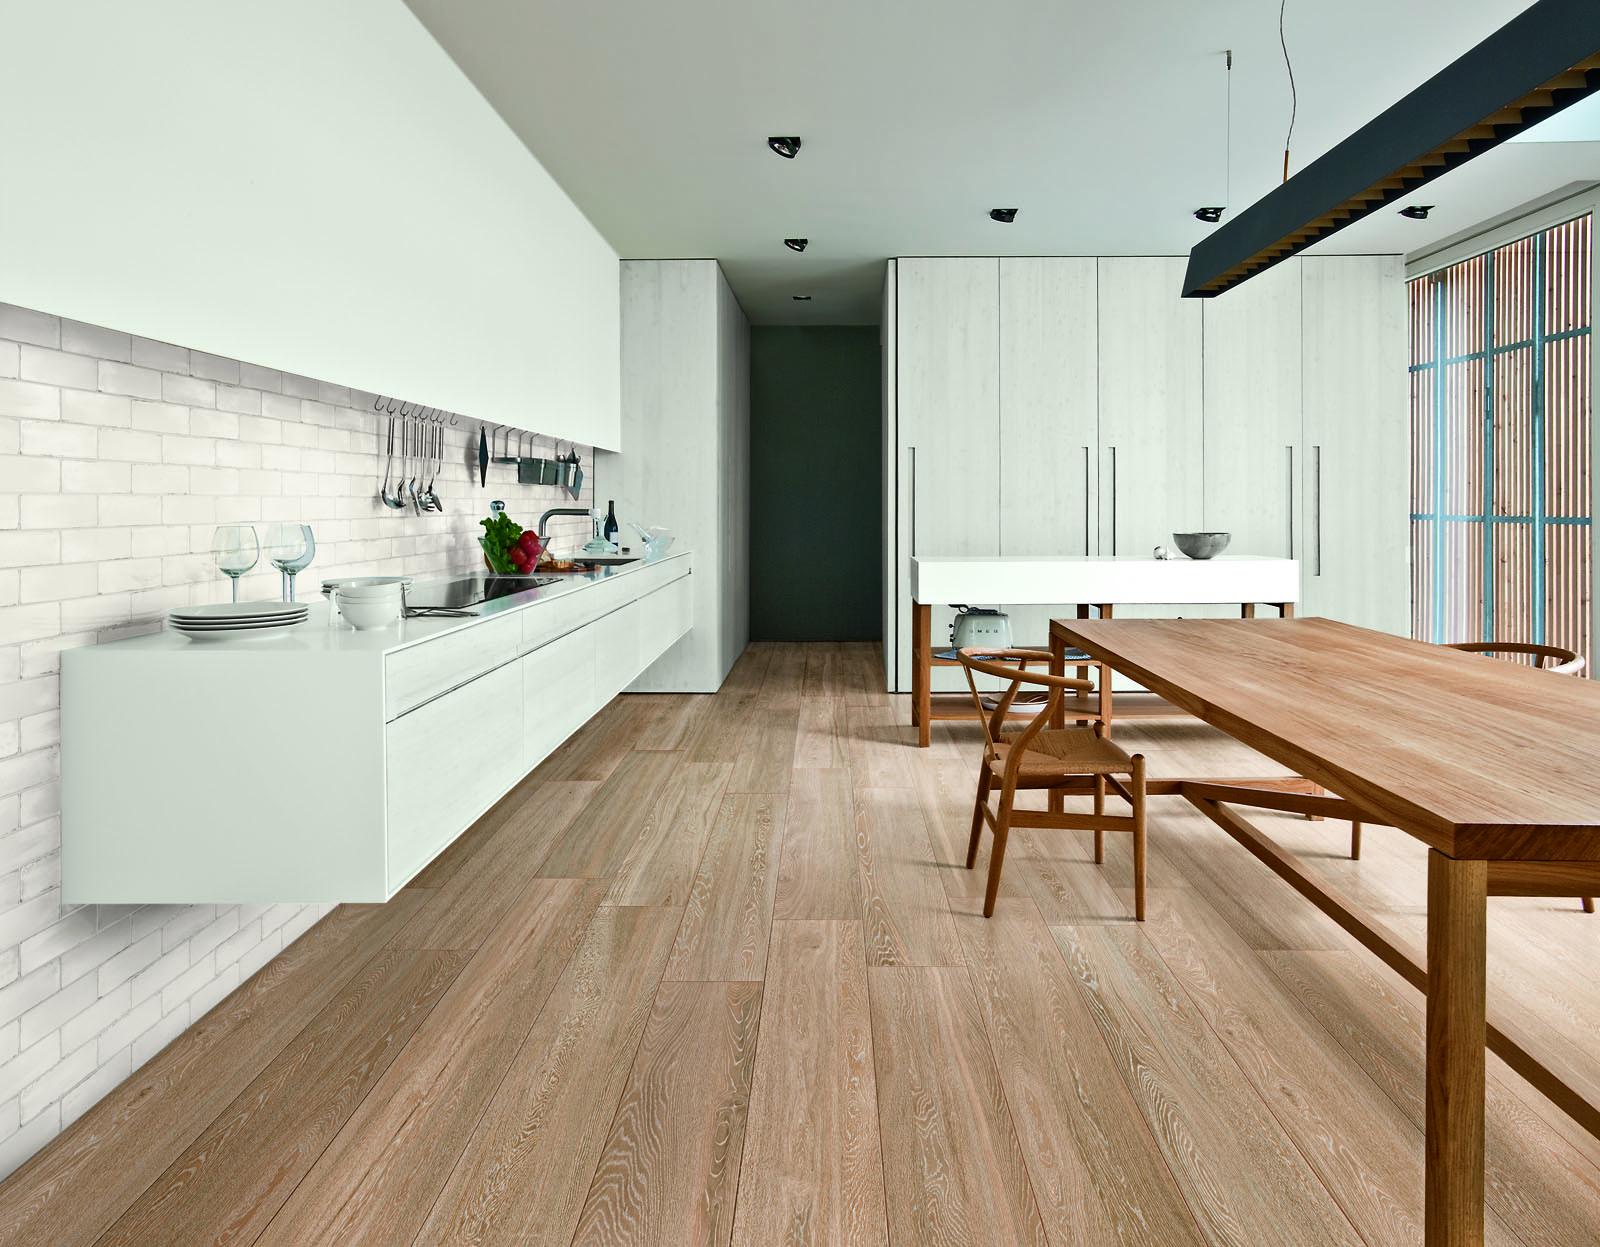 Piastrelle effetto legno e parquet ragno - Parquet in bagno e cucina ...